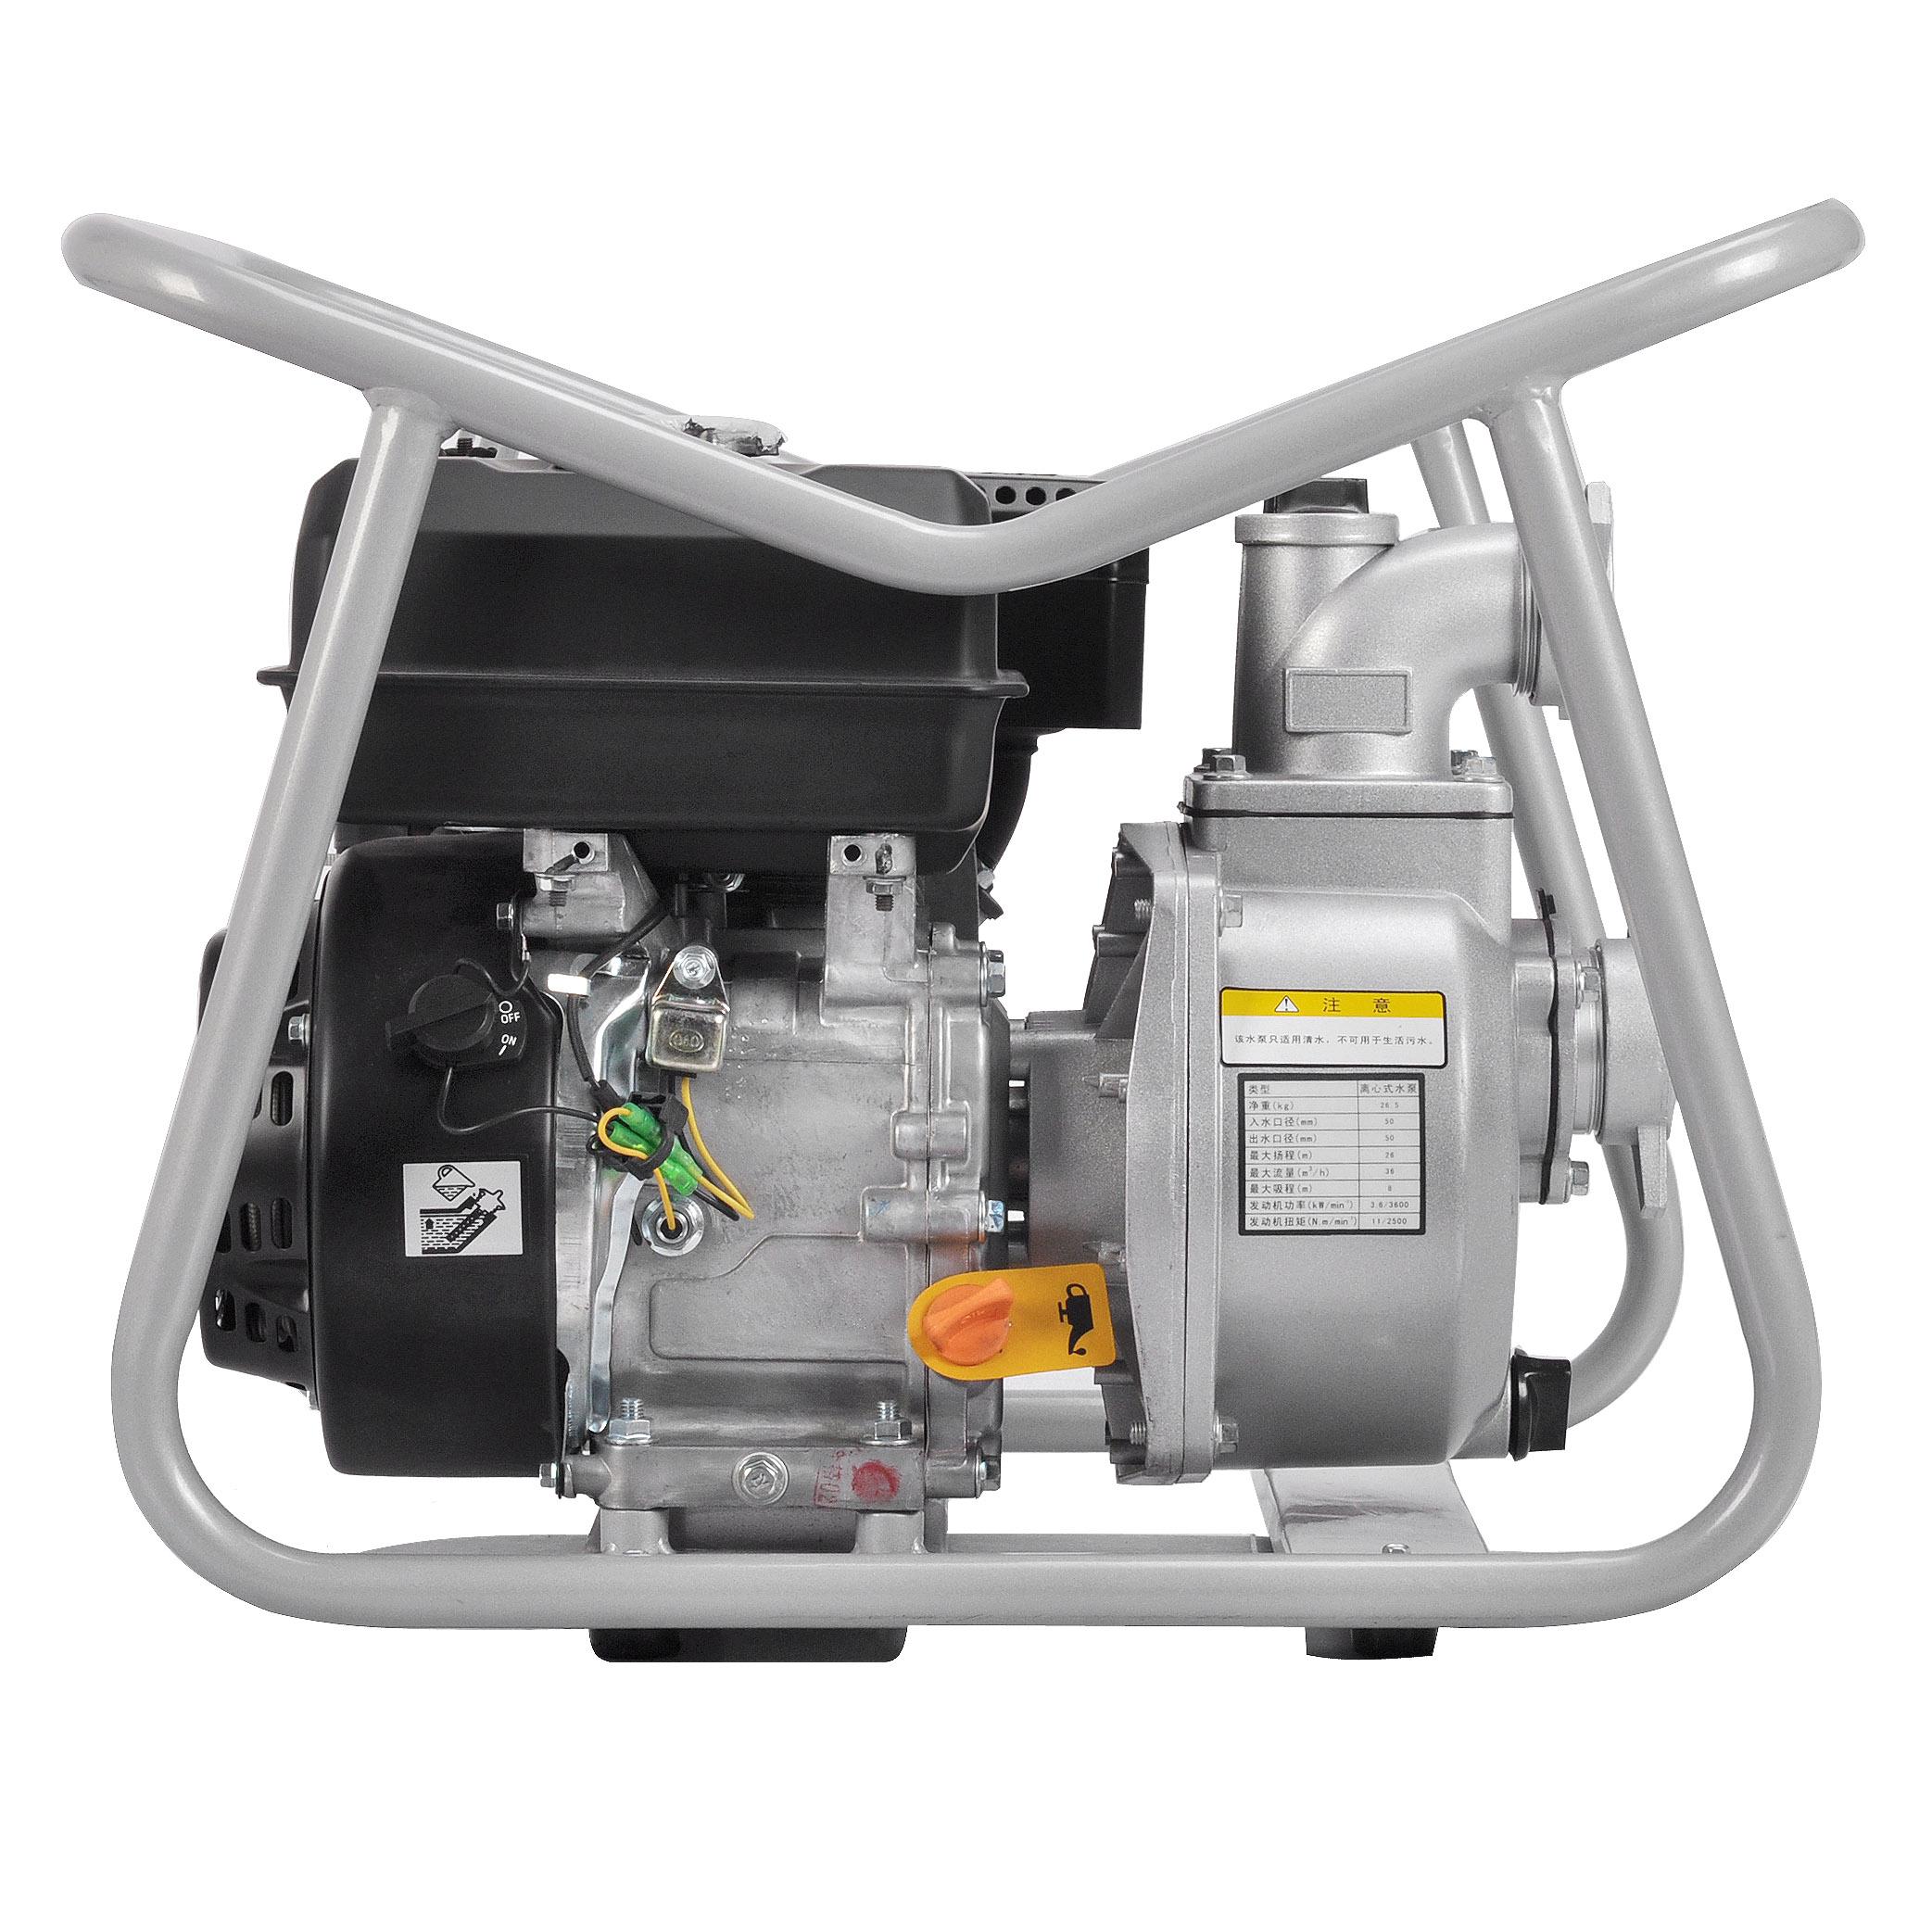 2寸汽油水泵火热订购中——EU-20B